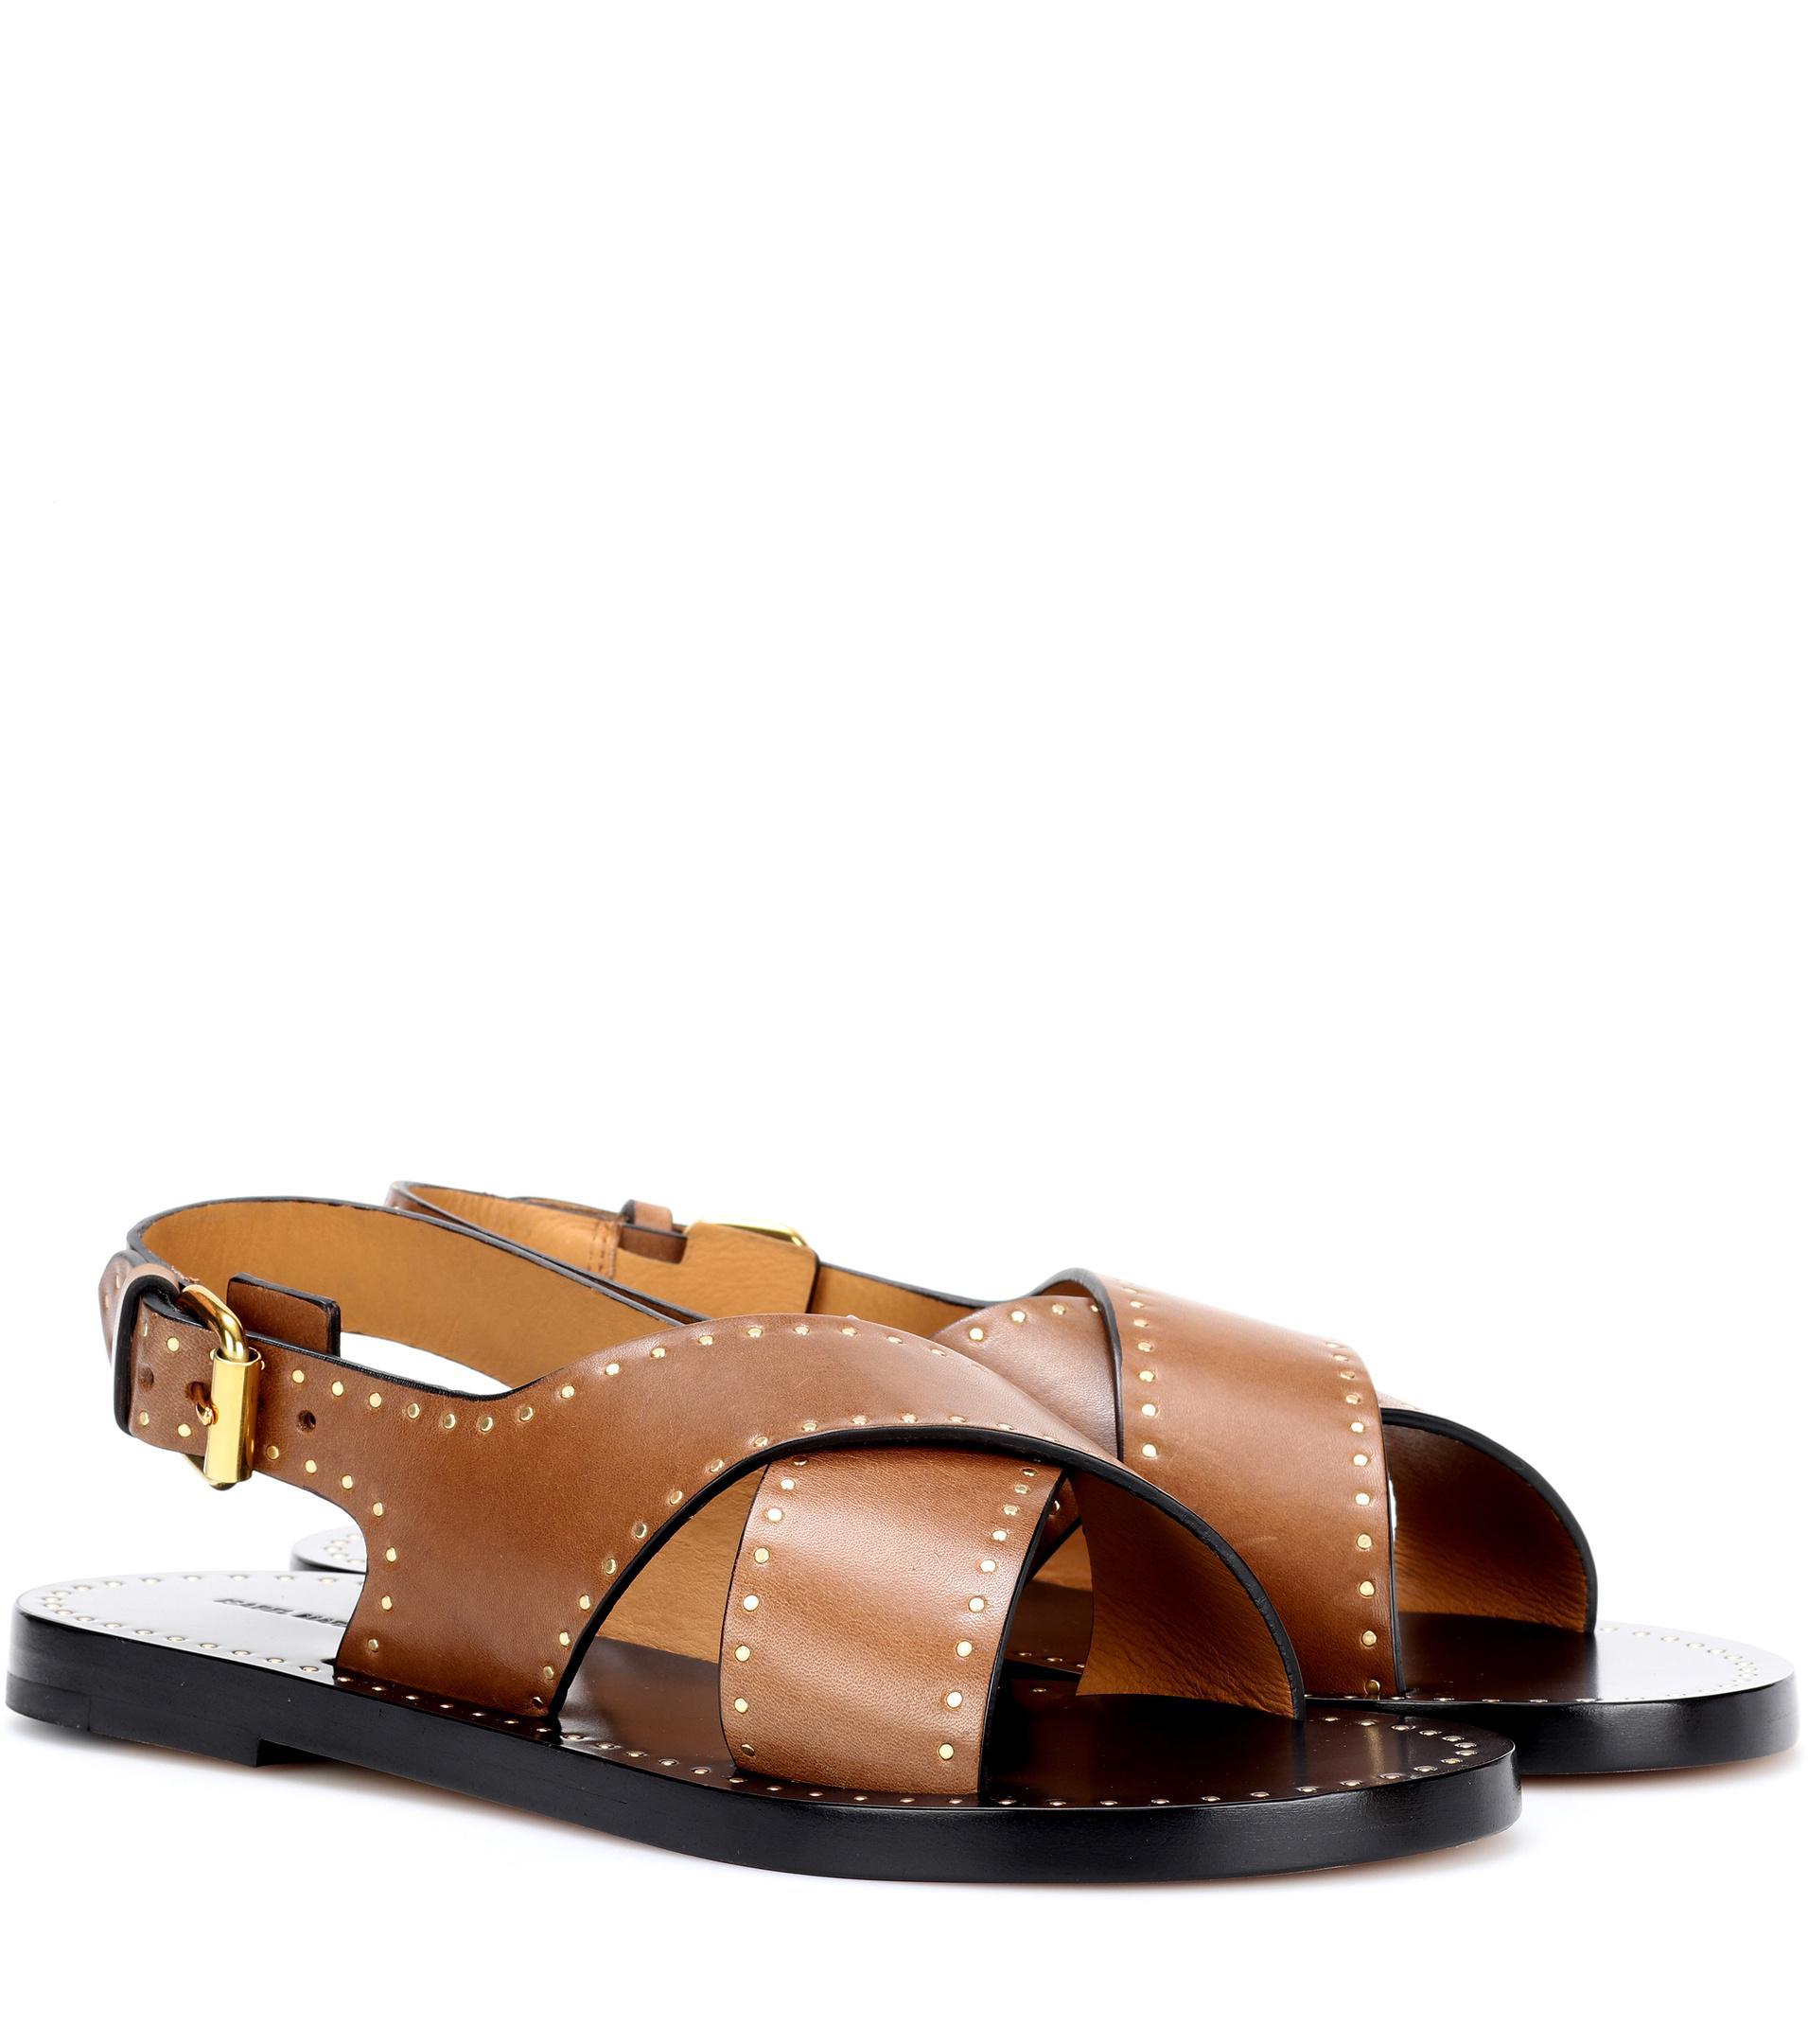 Jane stud-embellished leather sandals Isabel Marant msqgAH